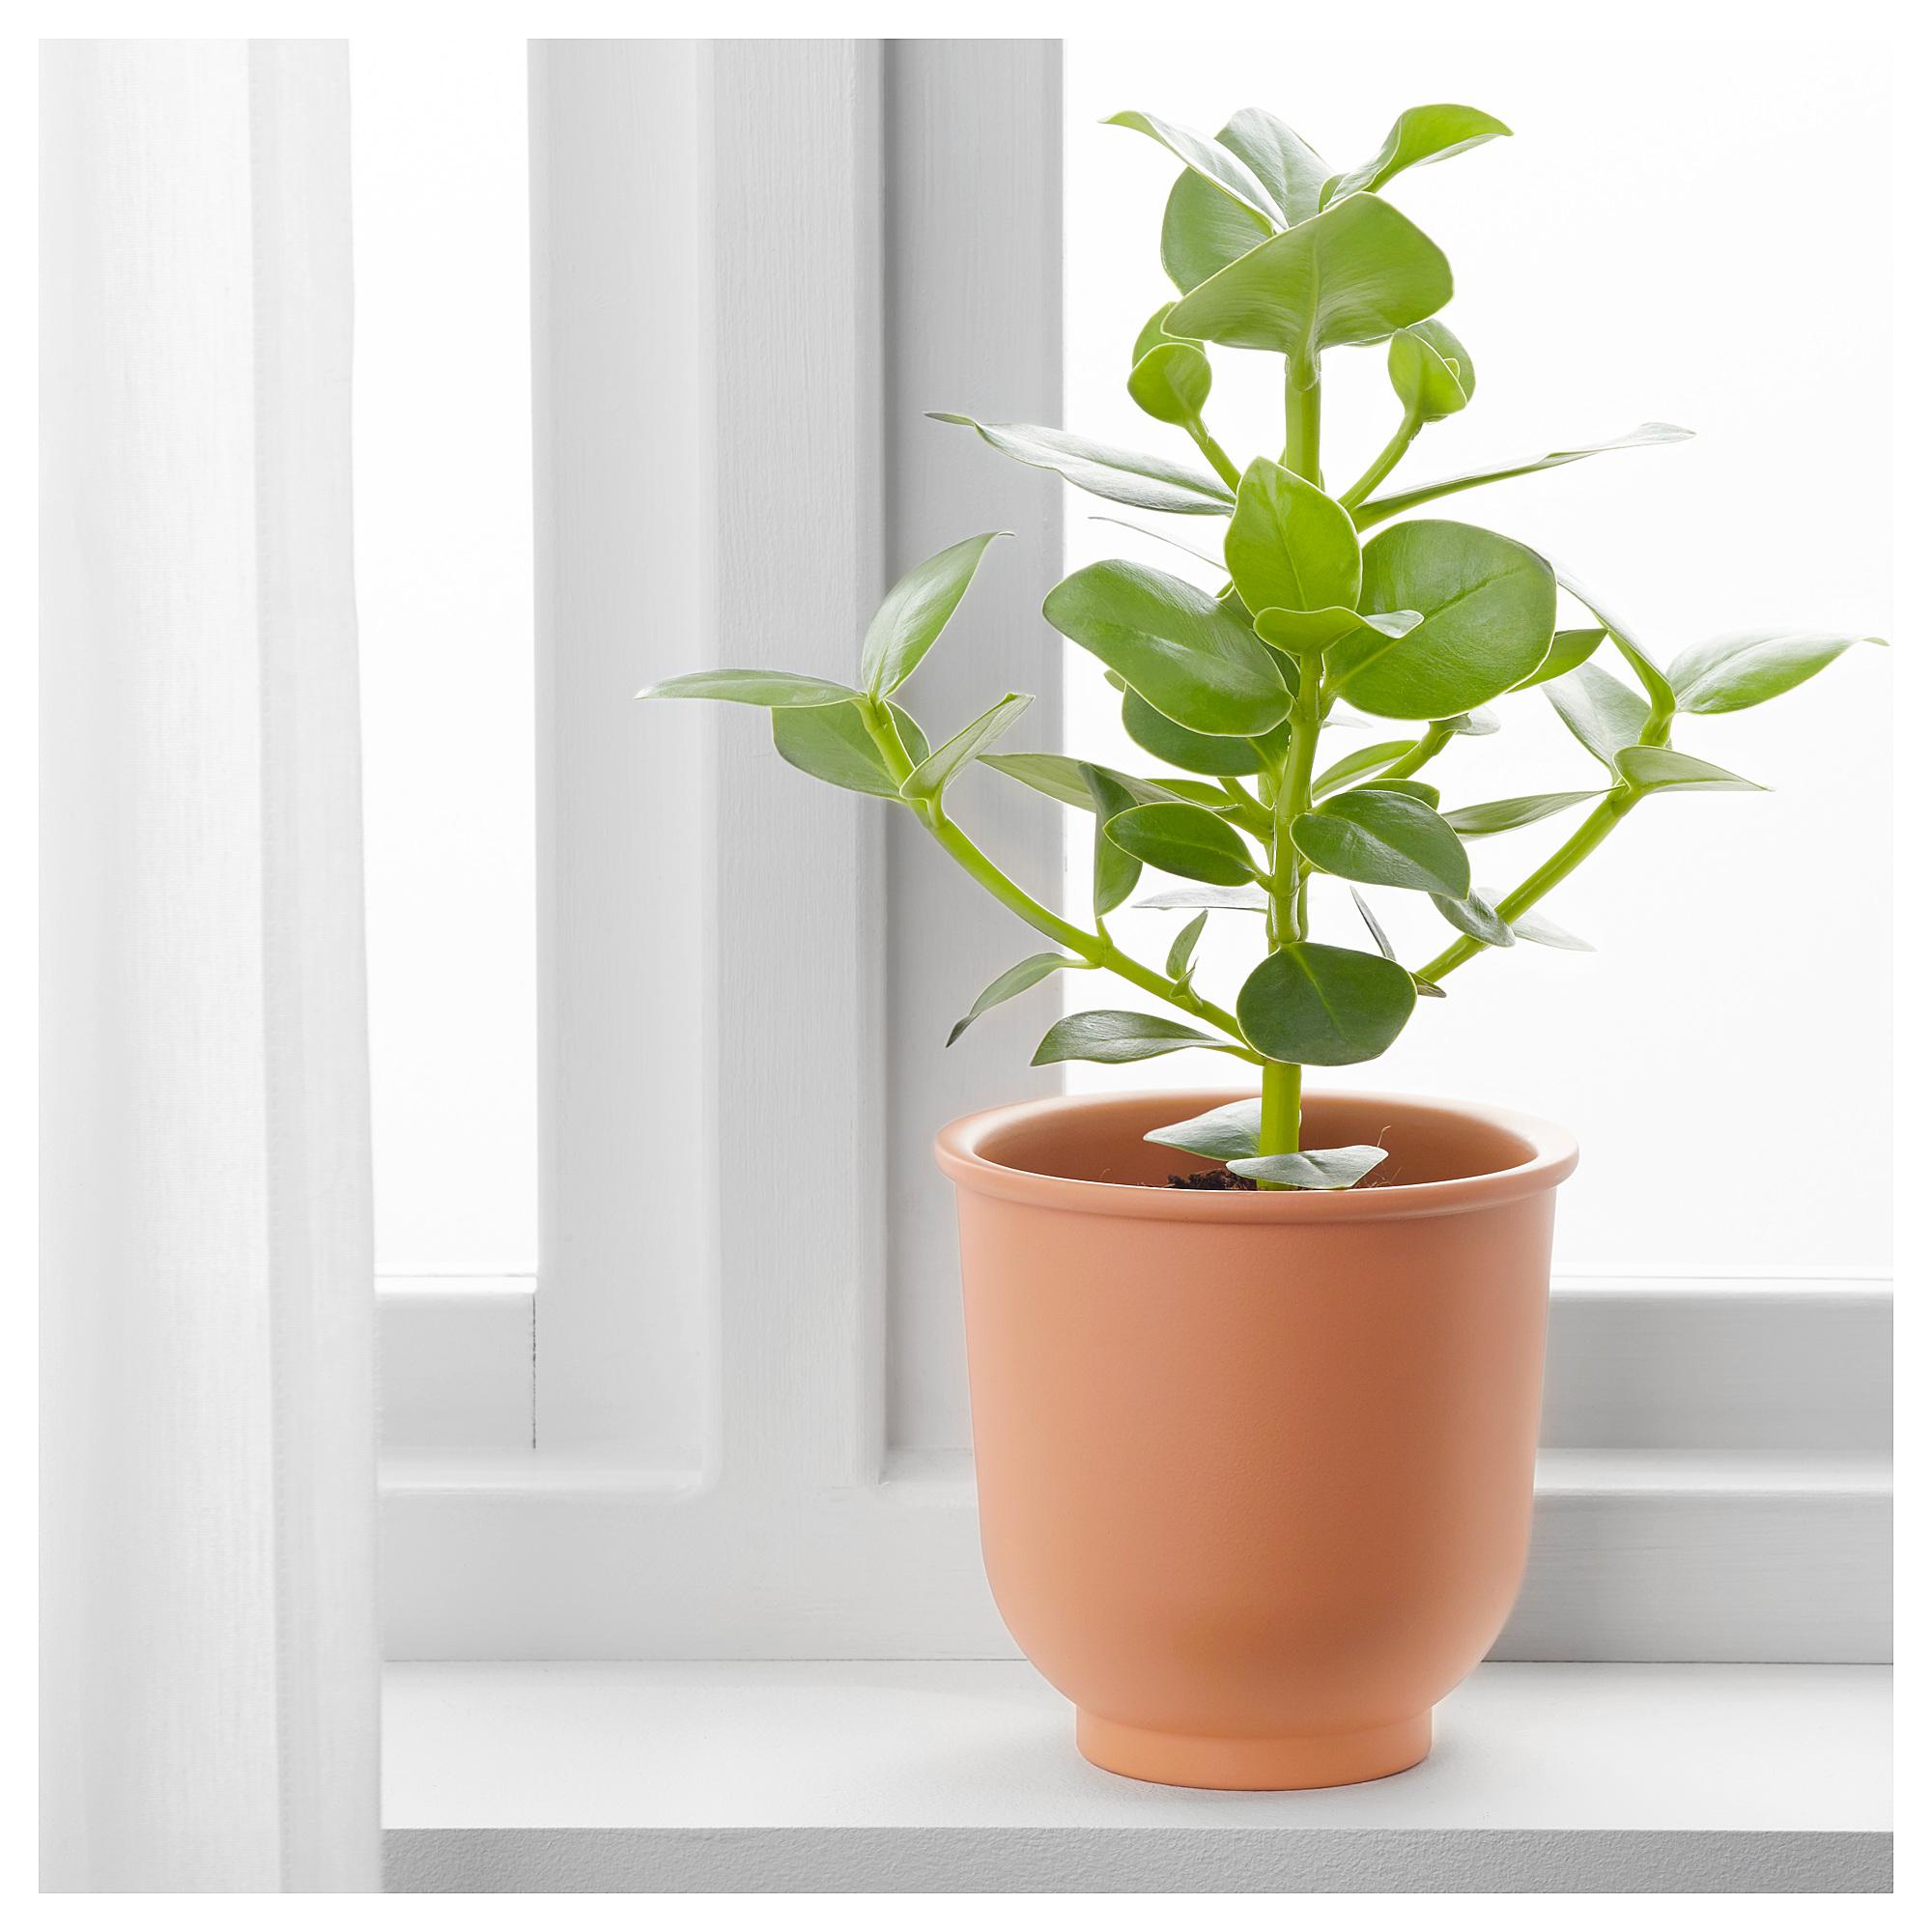 Ikea BrytÄrt Plant Pot Red Brown